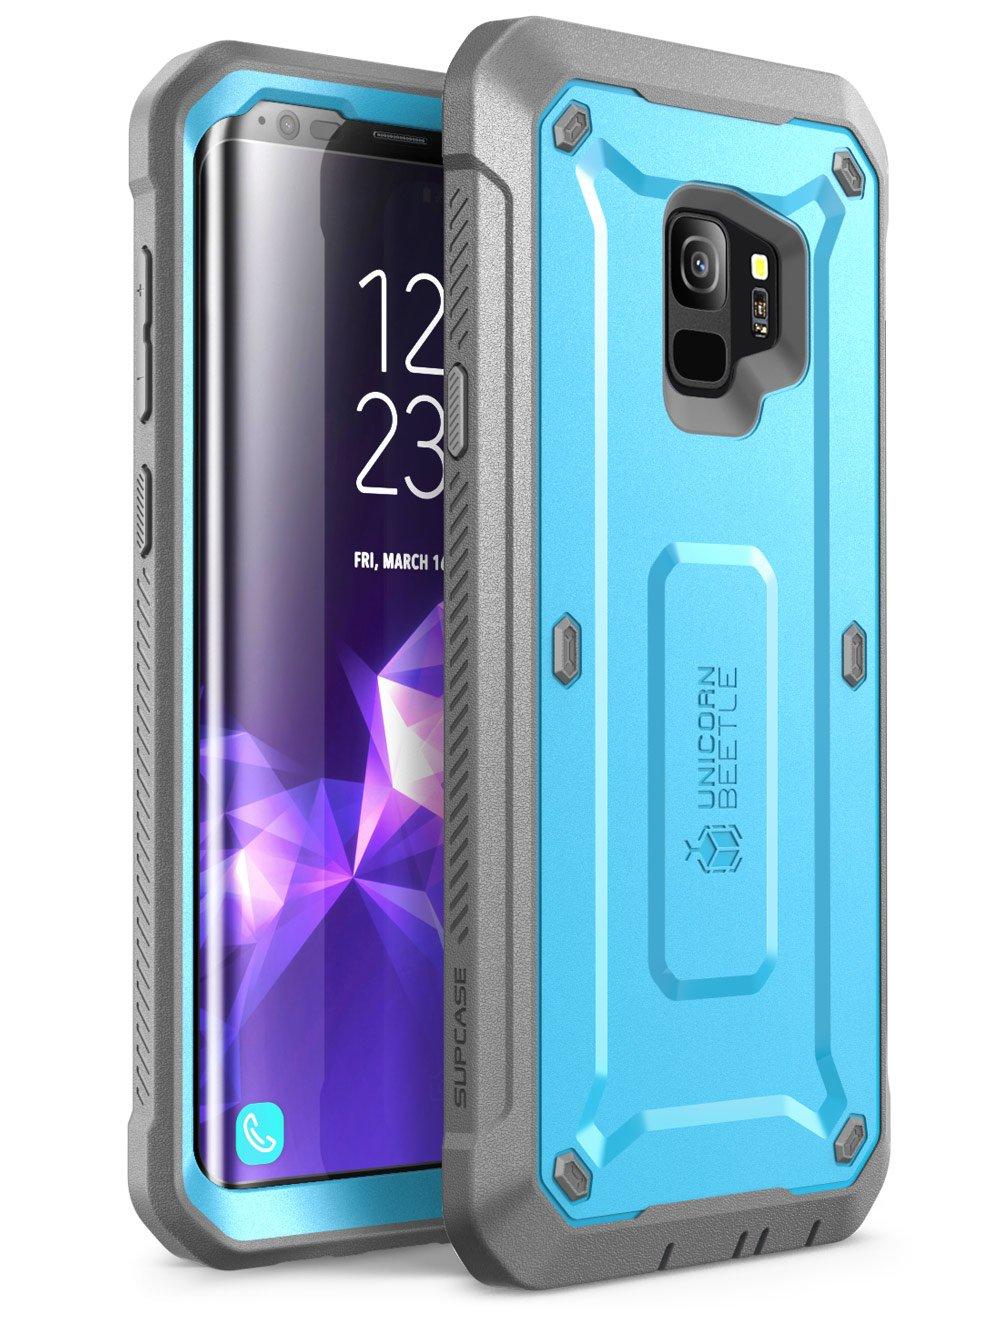 e065798a71ff SUPCASE SUP-Galaxy-S9-UBPro-SP-Bleu Unicorn Beetle Coque de Protection  Intégrale Anti-Choc avec Protecteur d écran Intégré pour Galaxy S9 2018,  Bleu